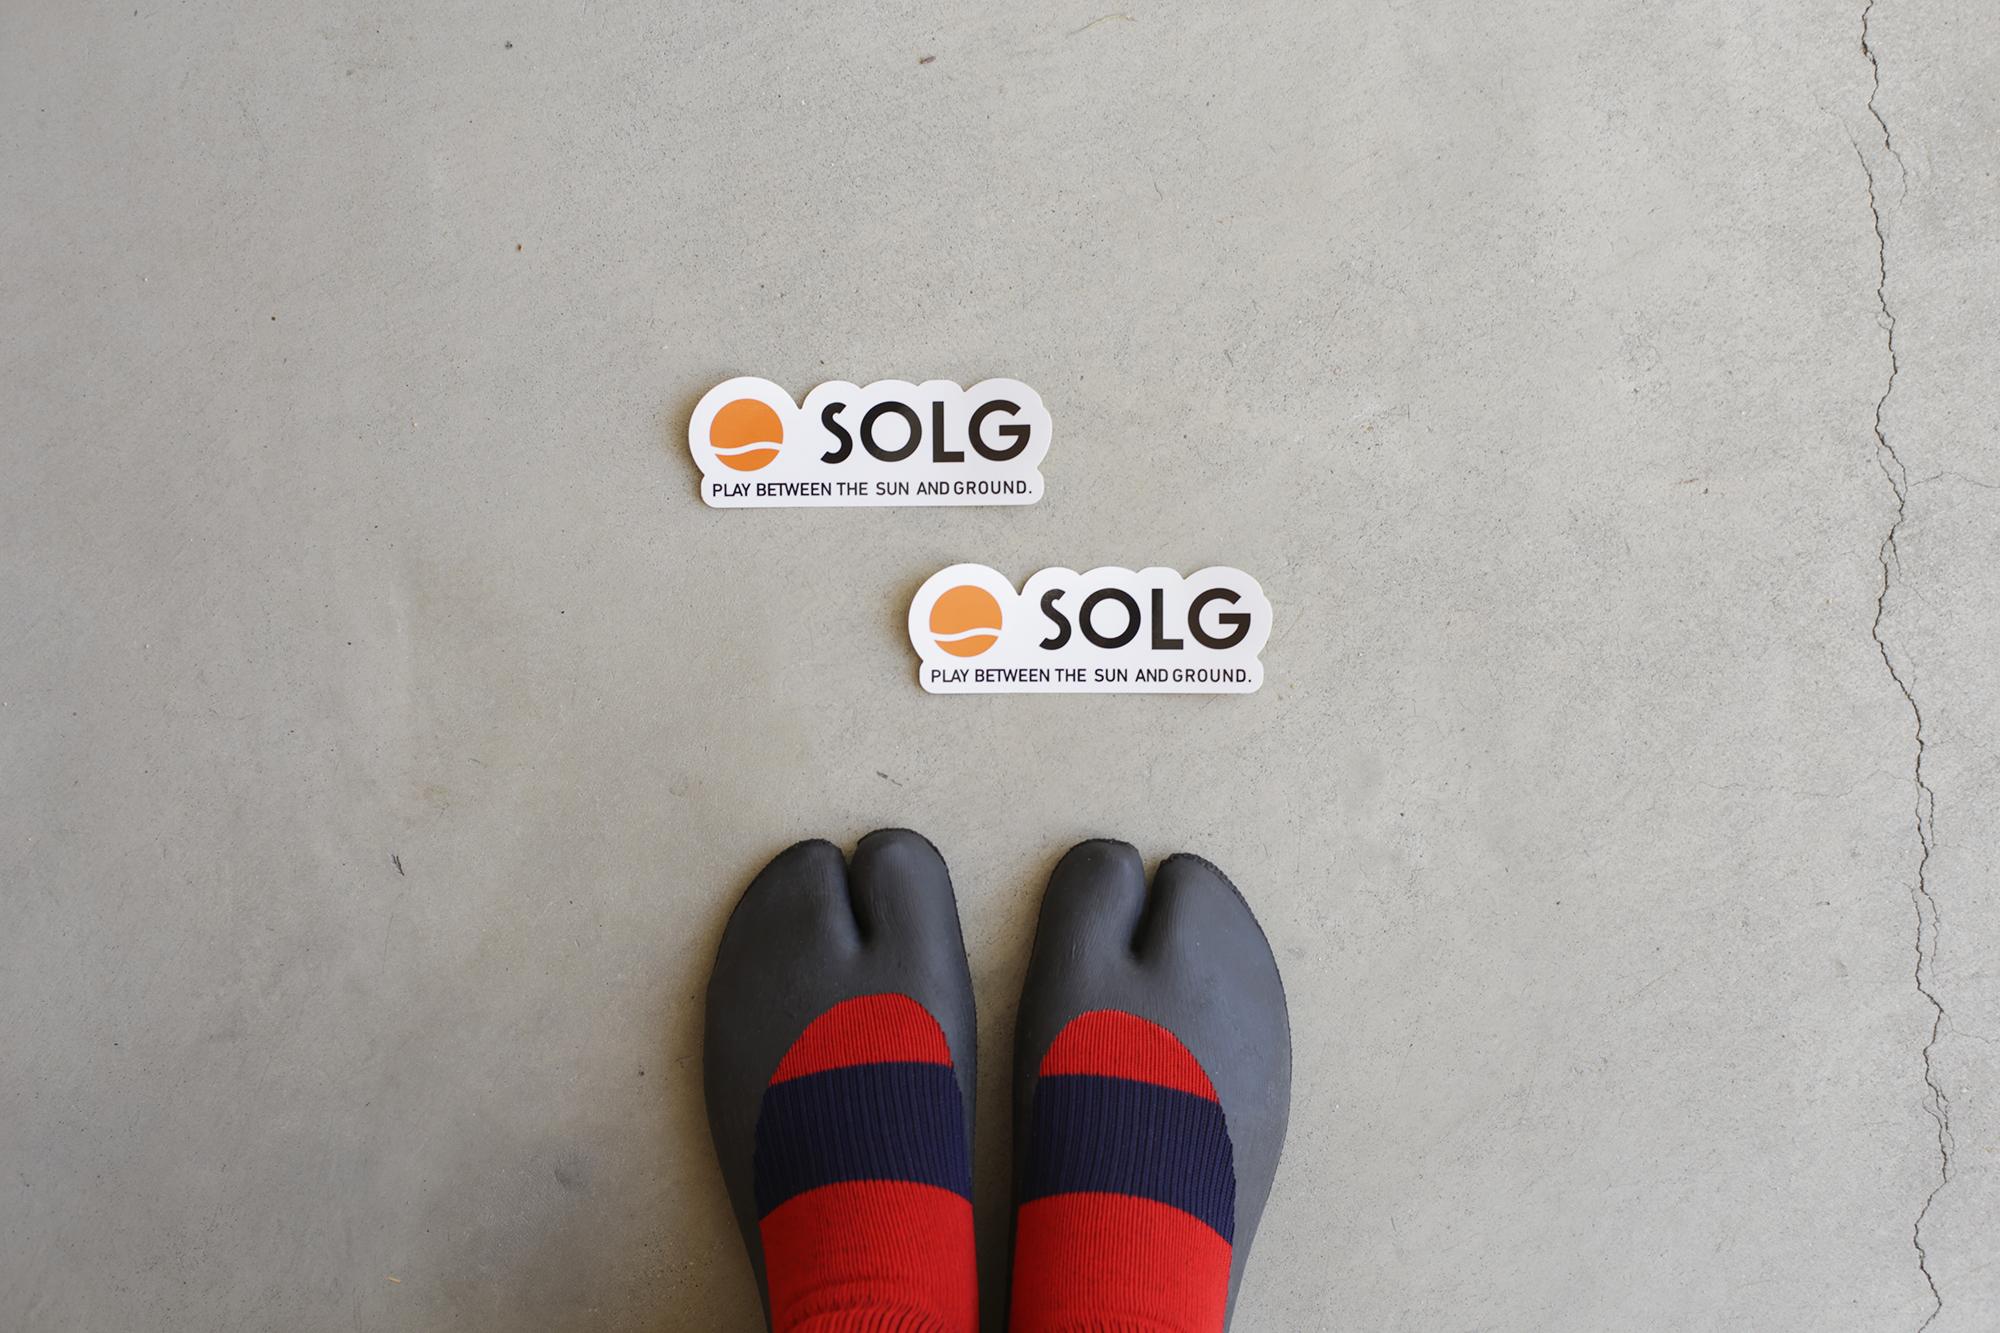 お買い上げの方へ、SOLGロゴステッカープレゼントキャンペーン